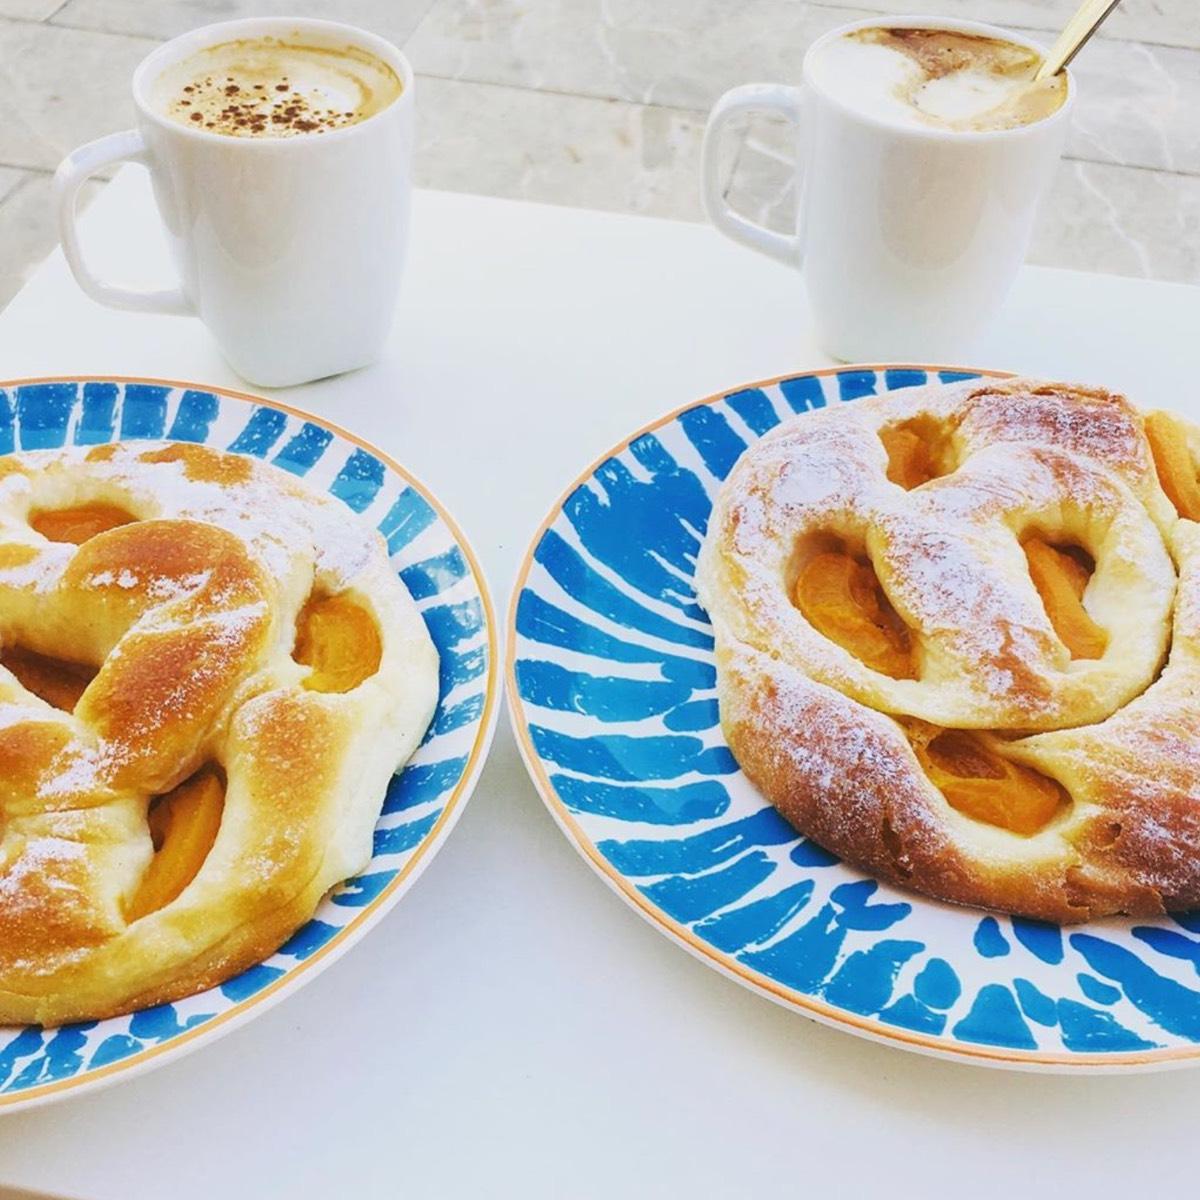 Yummy Ensaimada Santanyi con cafe